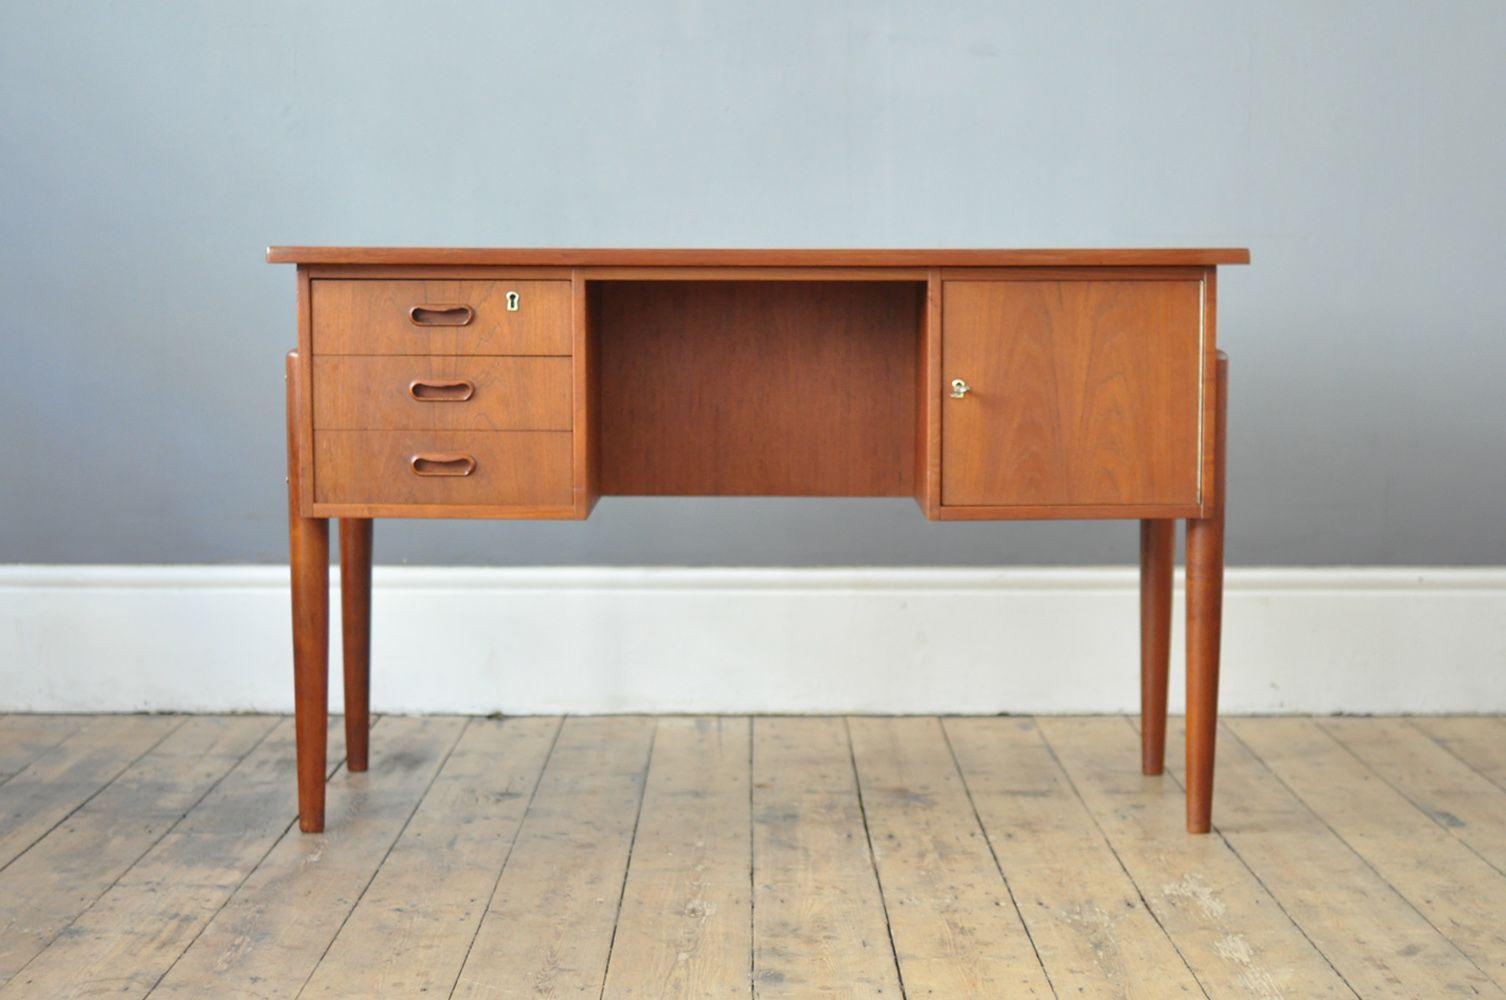 freistehender d nischer mid century schreibtisch 1960er. Black Bedroom Furniture Sets. Home Design Ideas